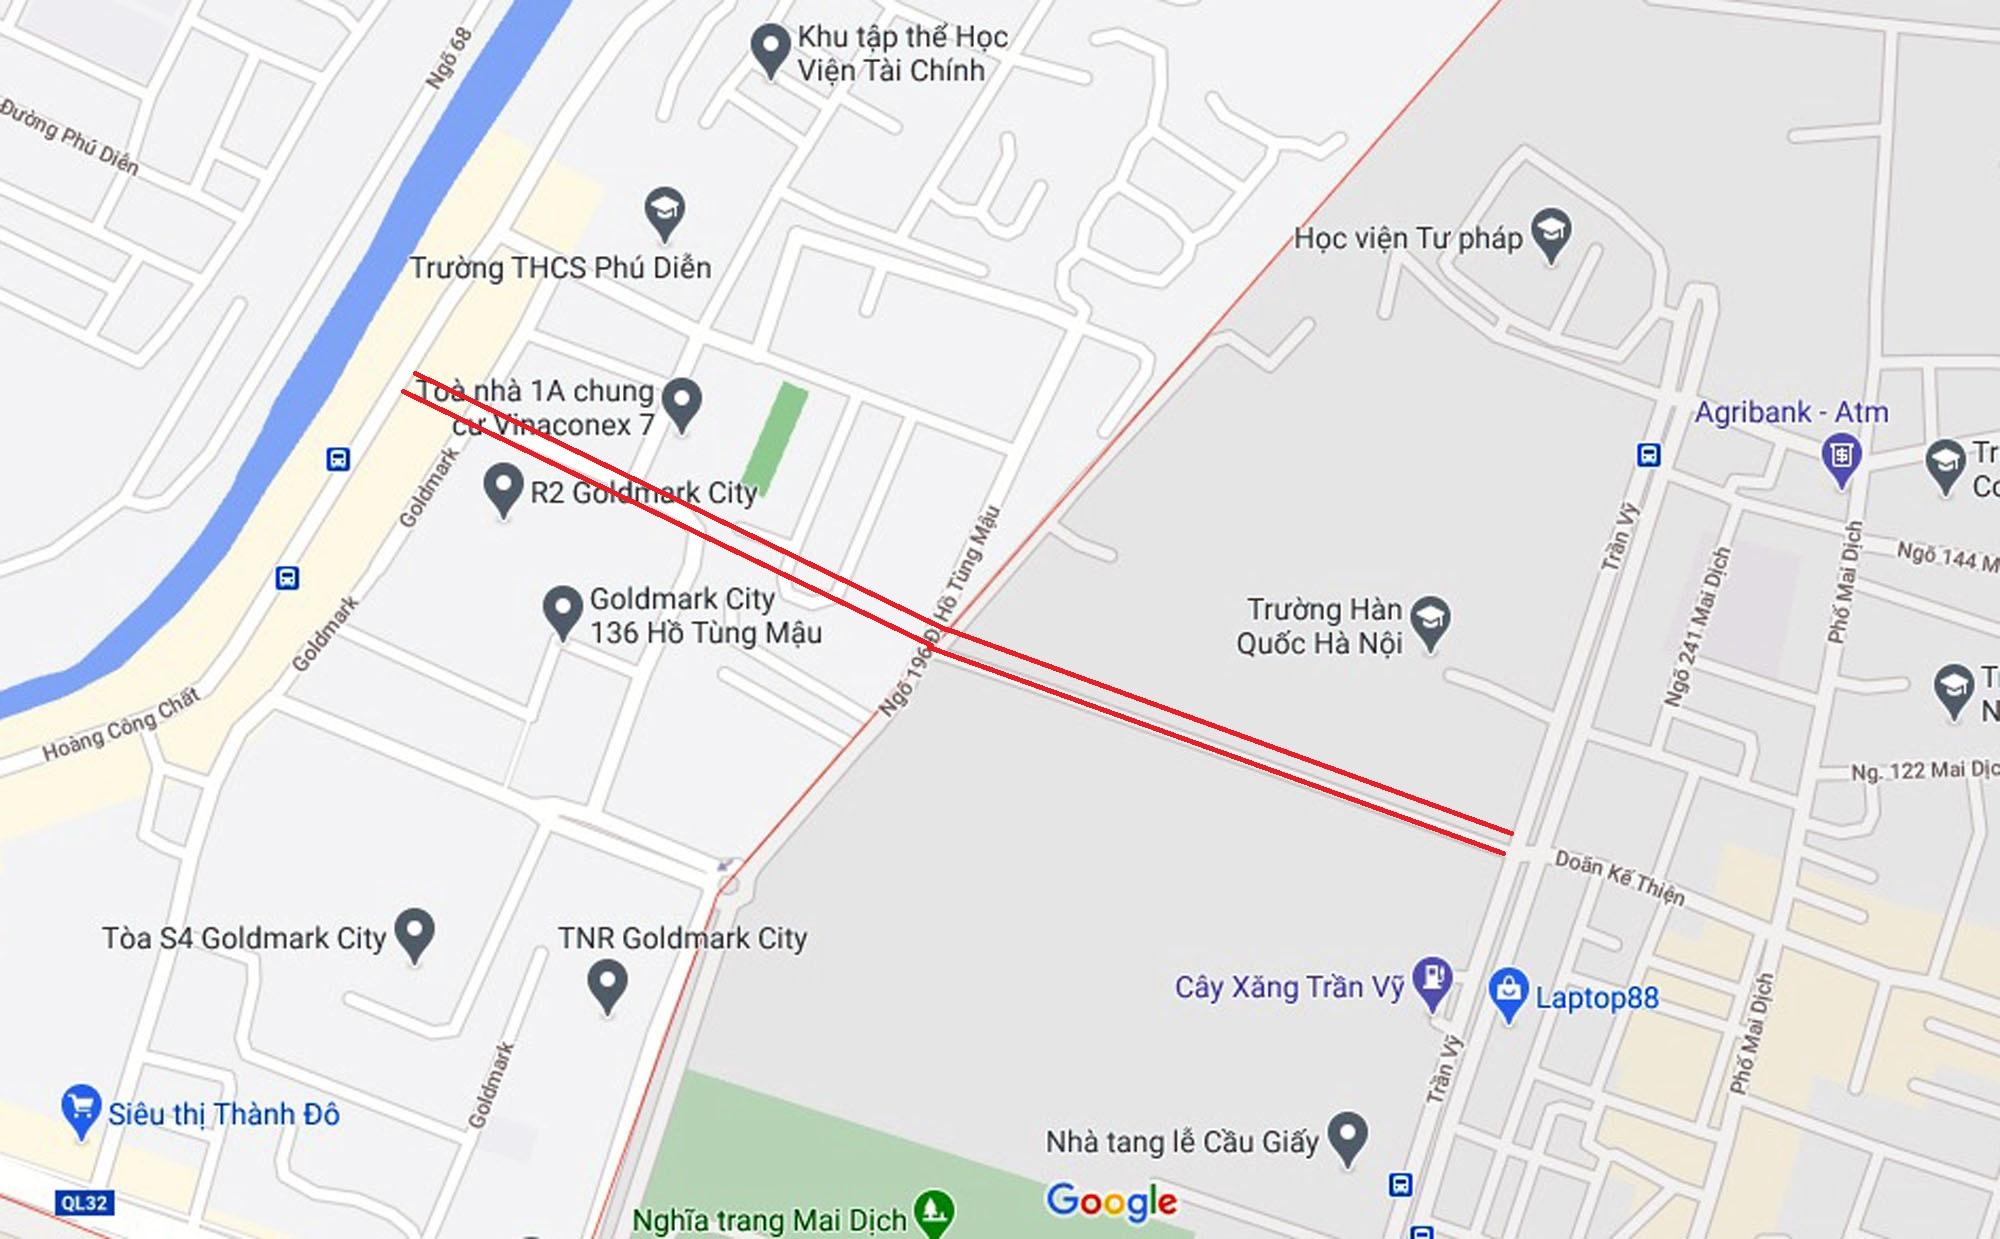 Ba đường sẽ mở theo qui hoạch ở phường Phú Diễn, Bắc Từ Liêm, Hà Nội (phần 2) - Ảnh 6.